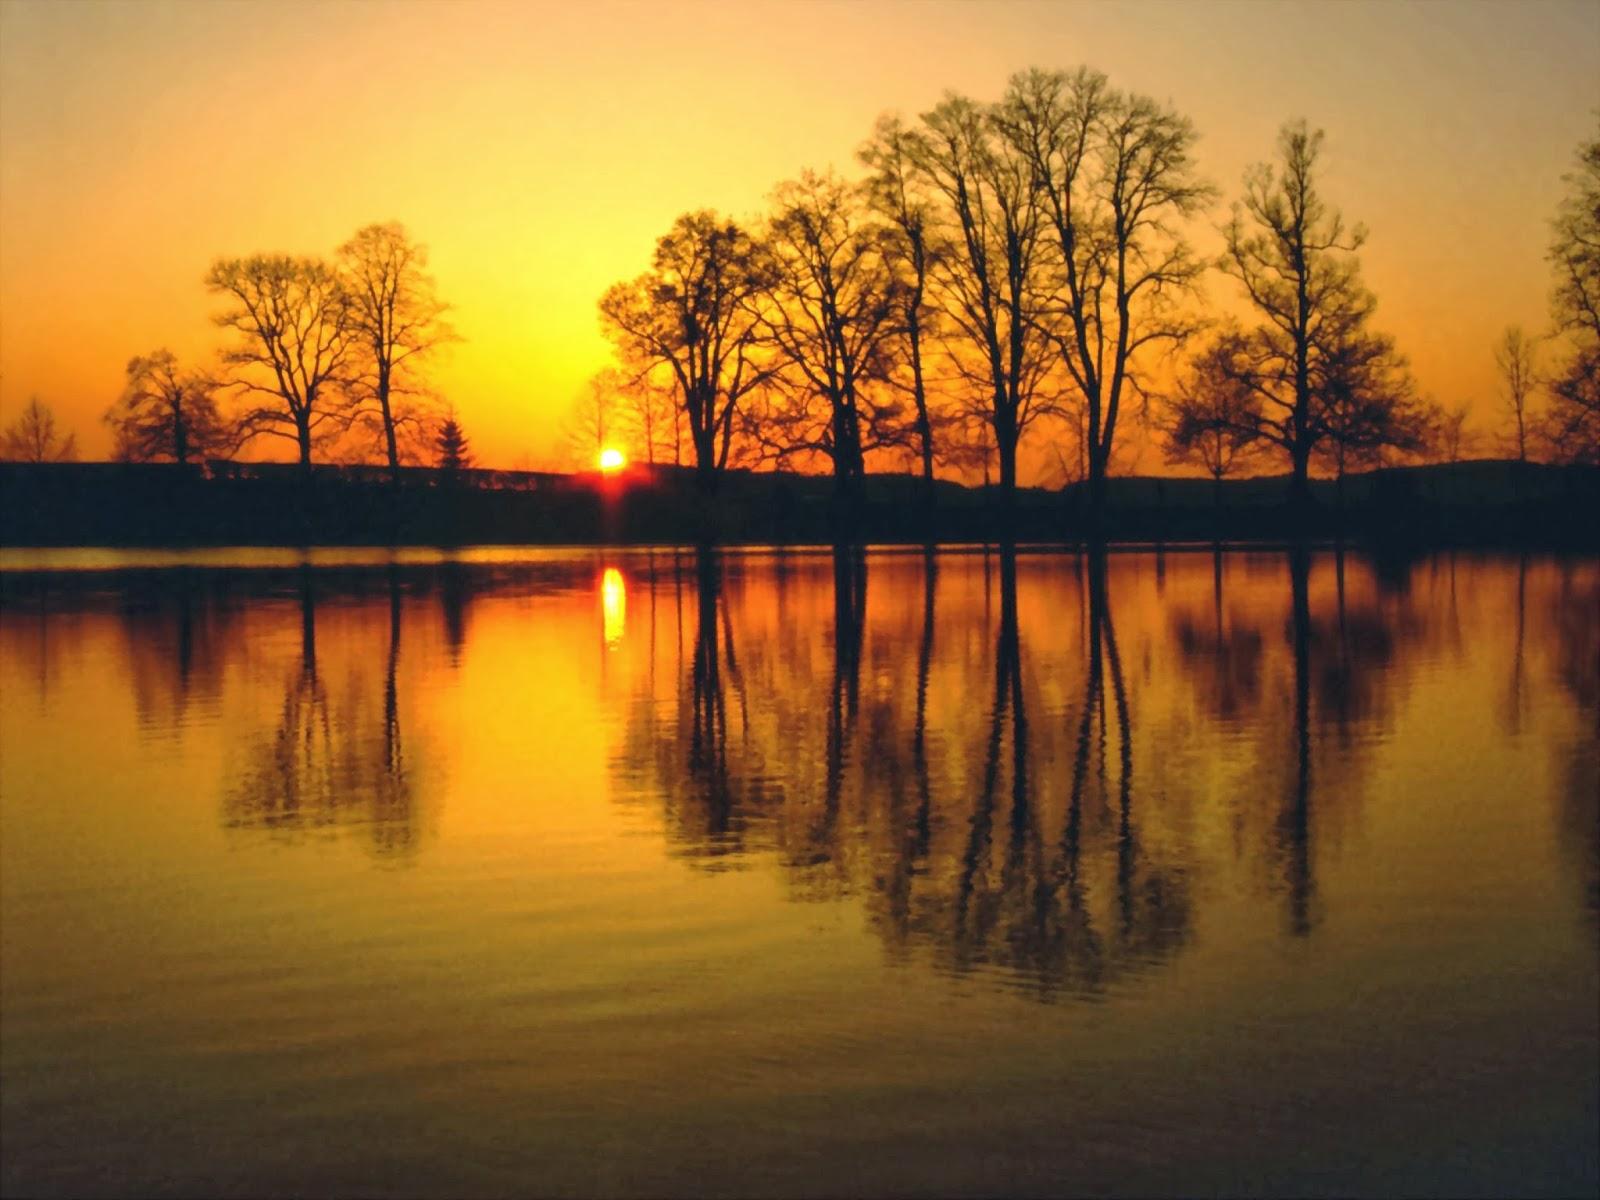 Dù thành công hay thất bại, hãy sống như mặt trời bước qua giông bão và để lại ánh hoàng hôn, dẫu lặn rồi vẫn để lại ráng chiều rực rỡ…